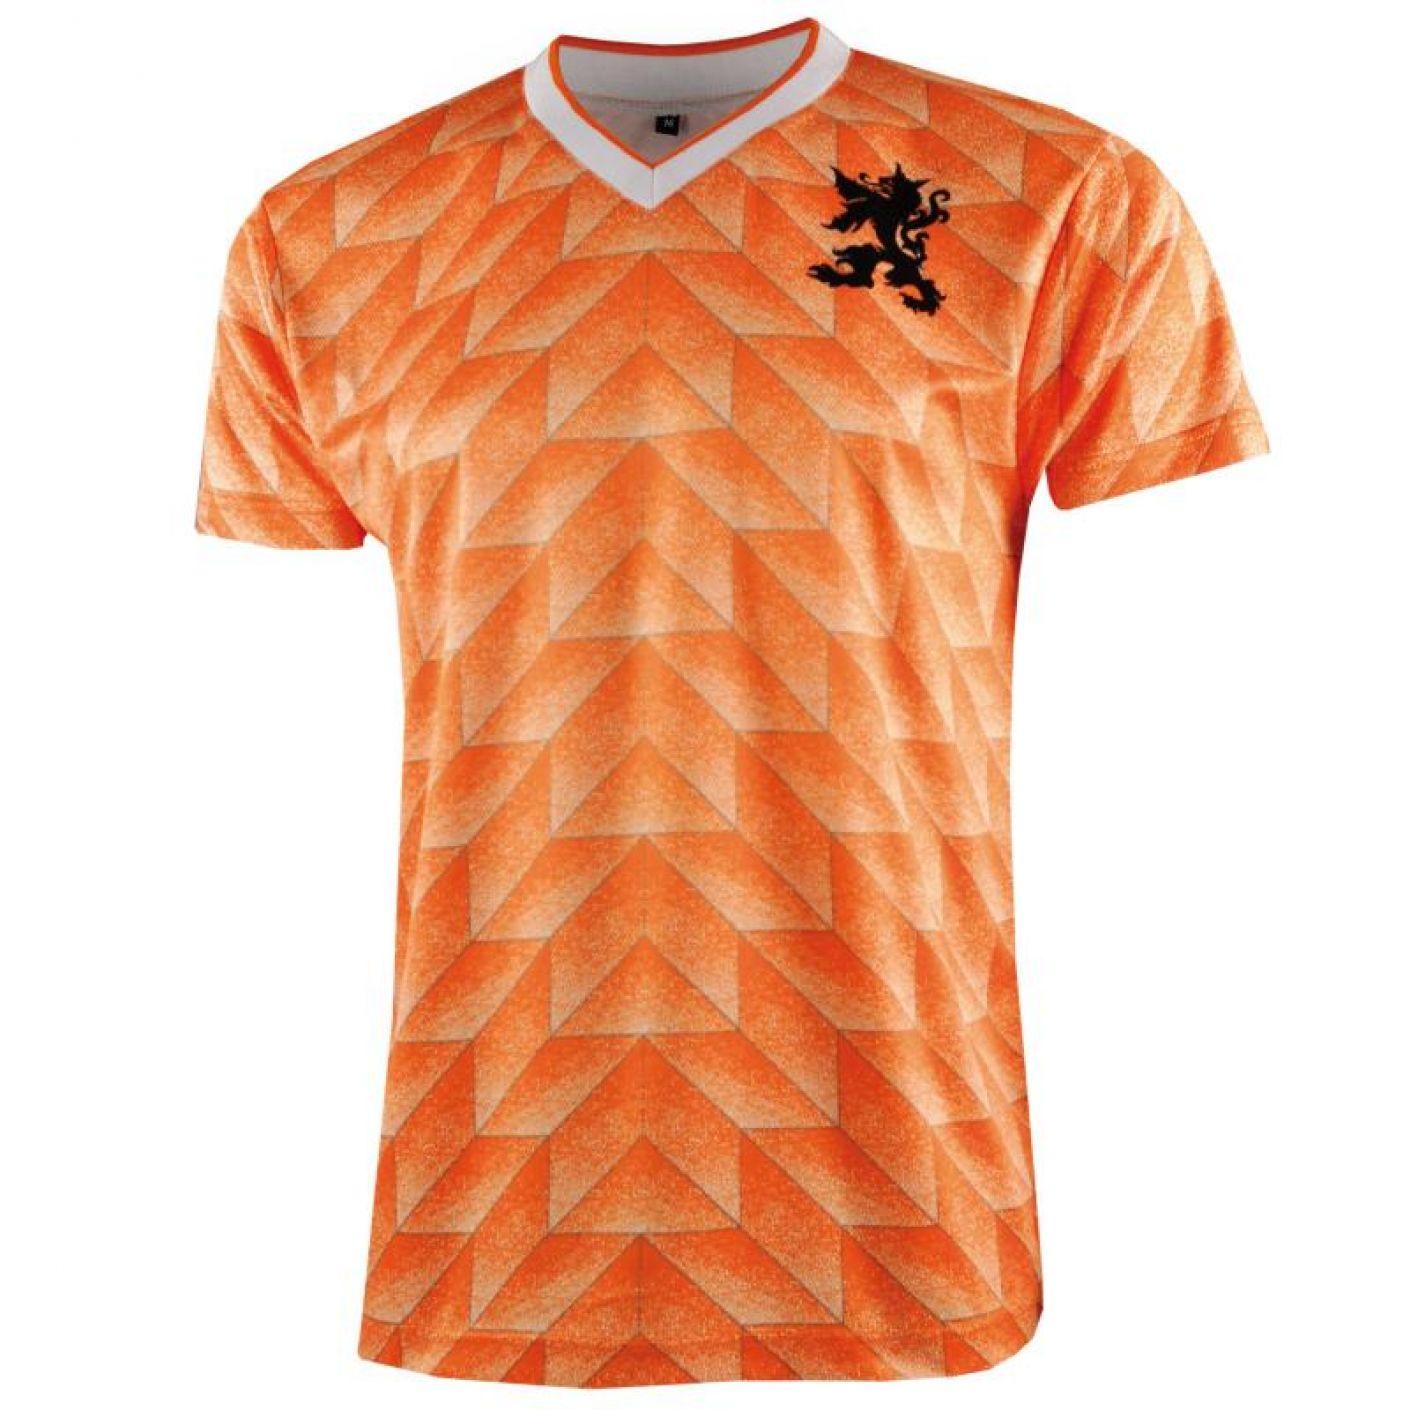 T-shirt Holland EK 88